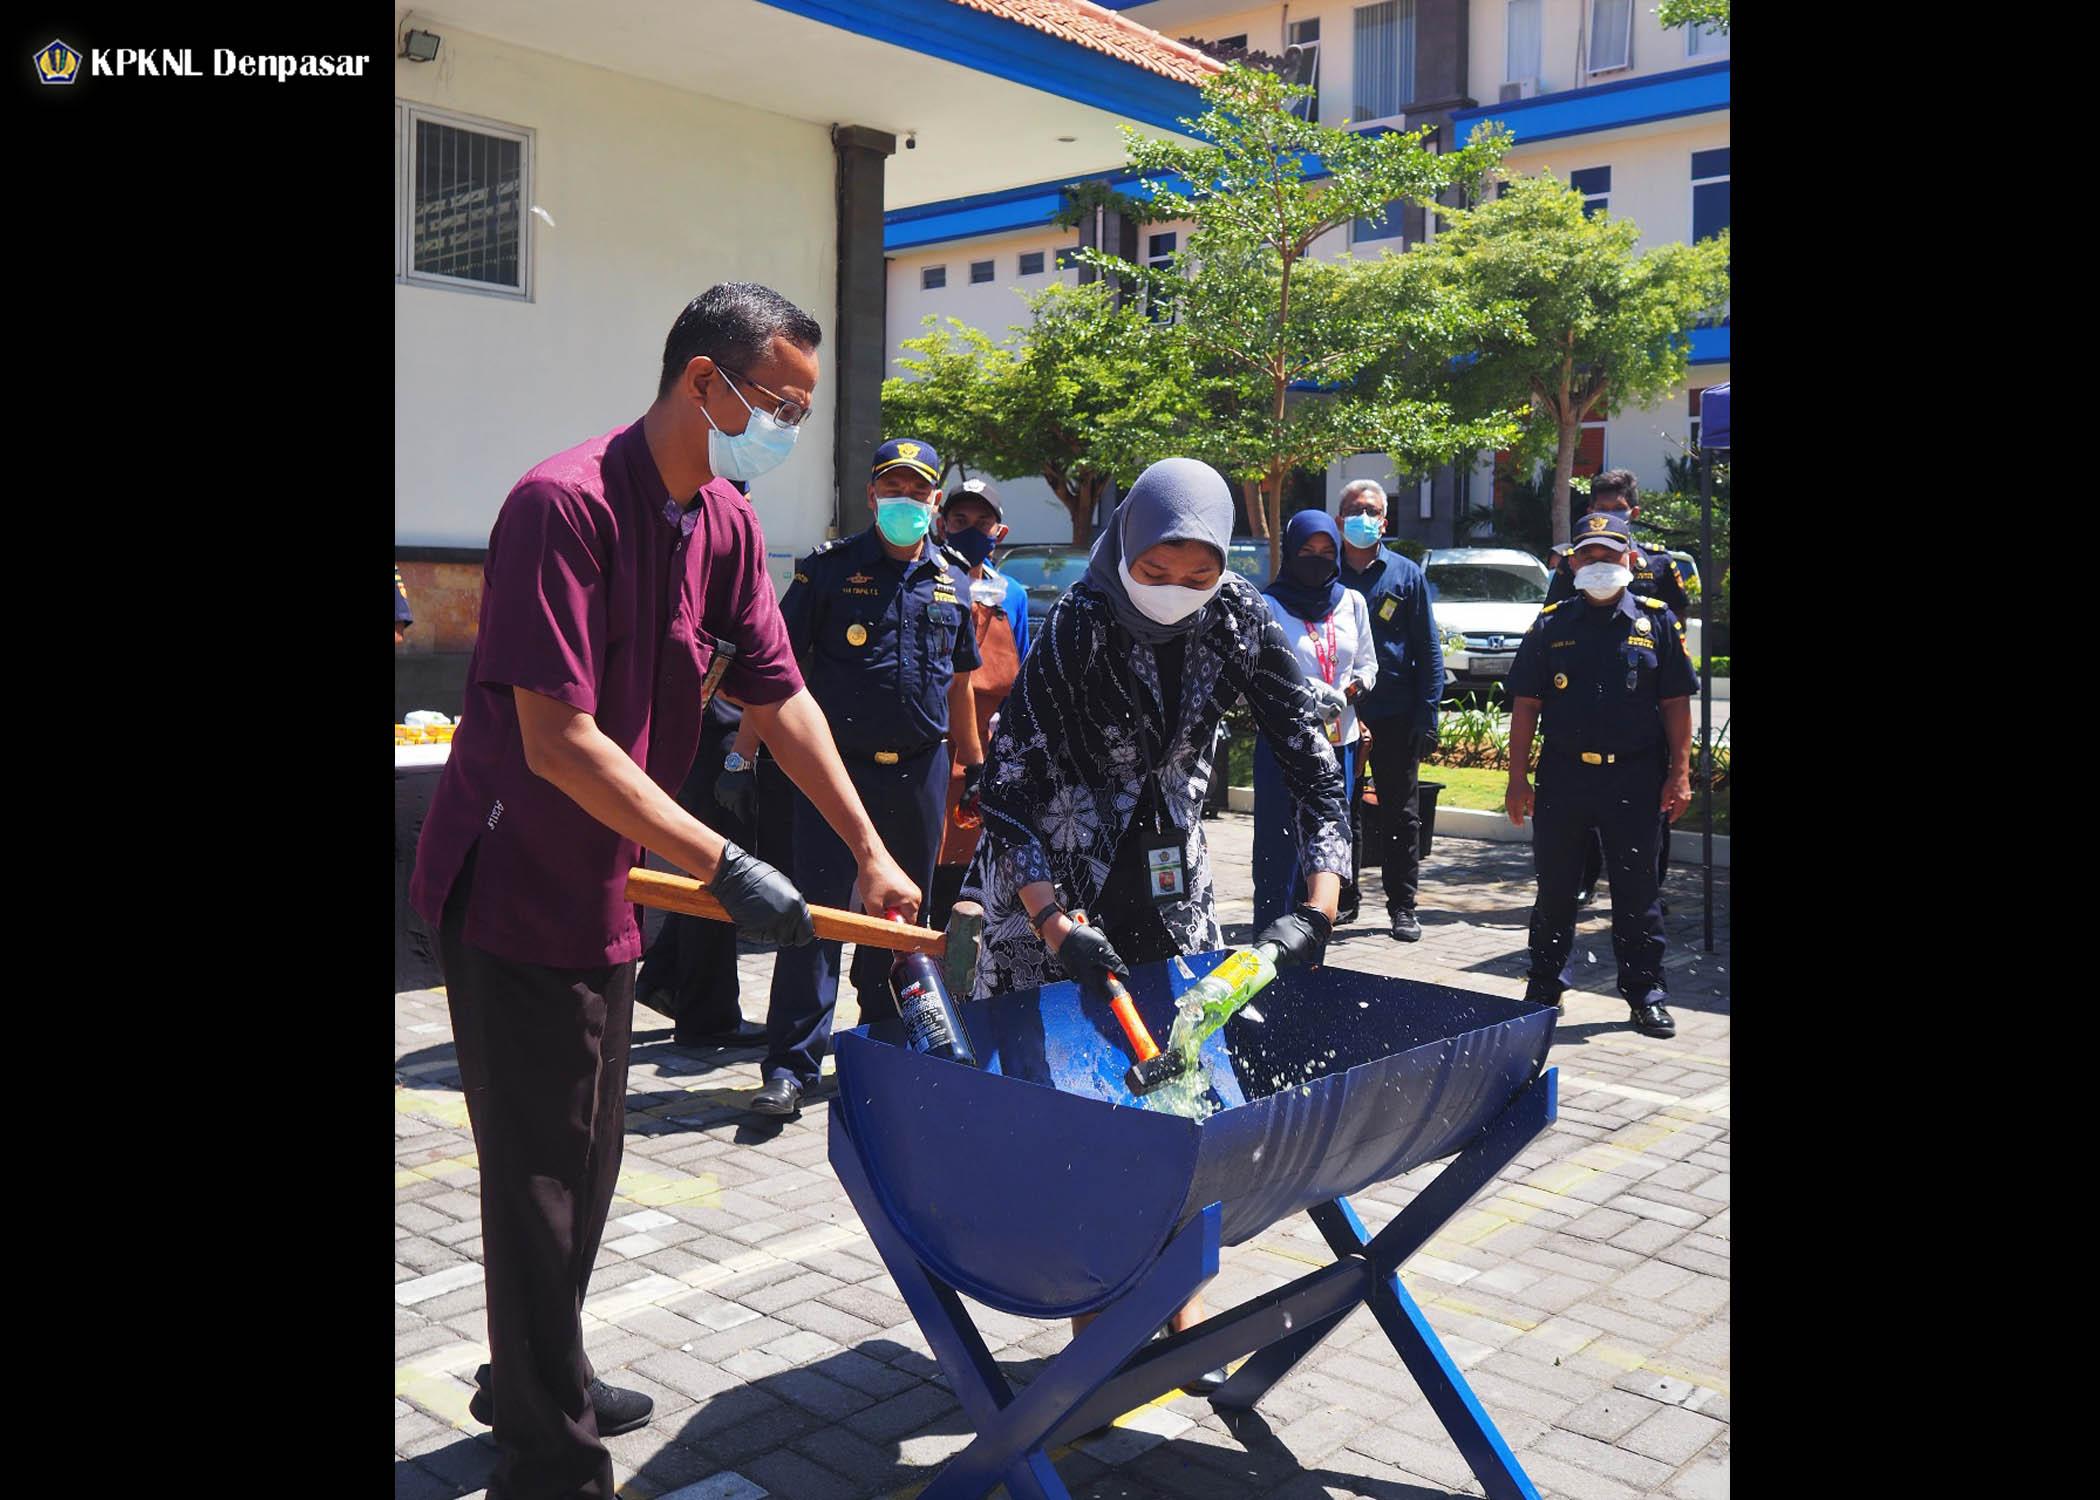 Bersama Bea Cukai Ngurah Rai, KPKNL Denpasar Musnahkan 334 Barang Tegahan